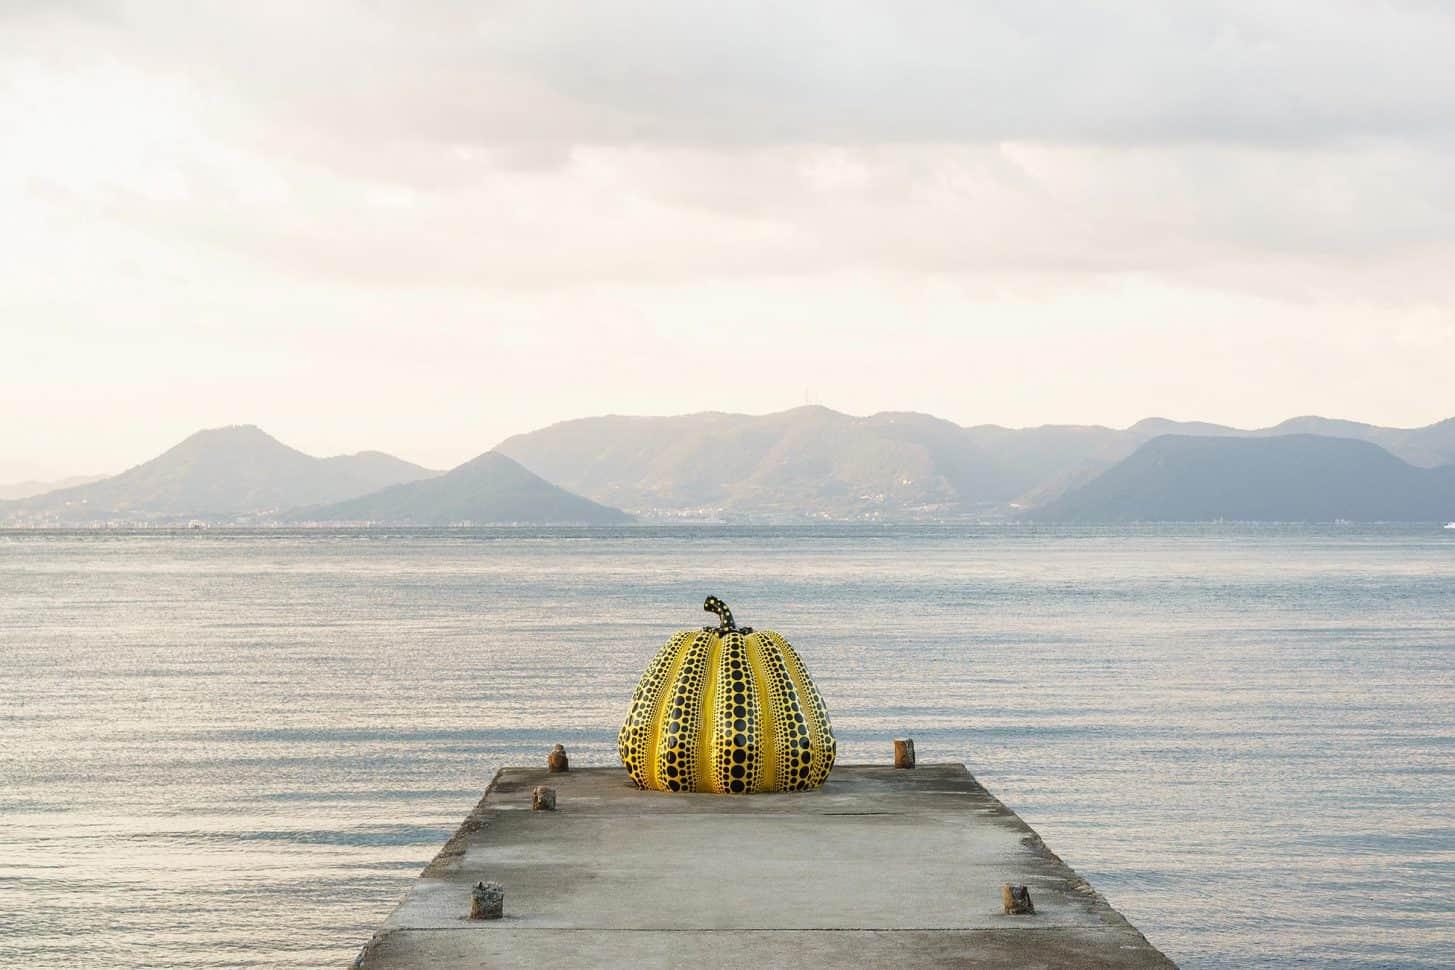 ผลงานของยาโยอิ คุซามะ (Yayoi Kusama)ที่เกาะนาโอชิมะ (Naoshima Island) จังหวัดคางาวะ (kagawa)